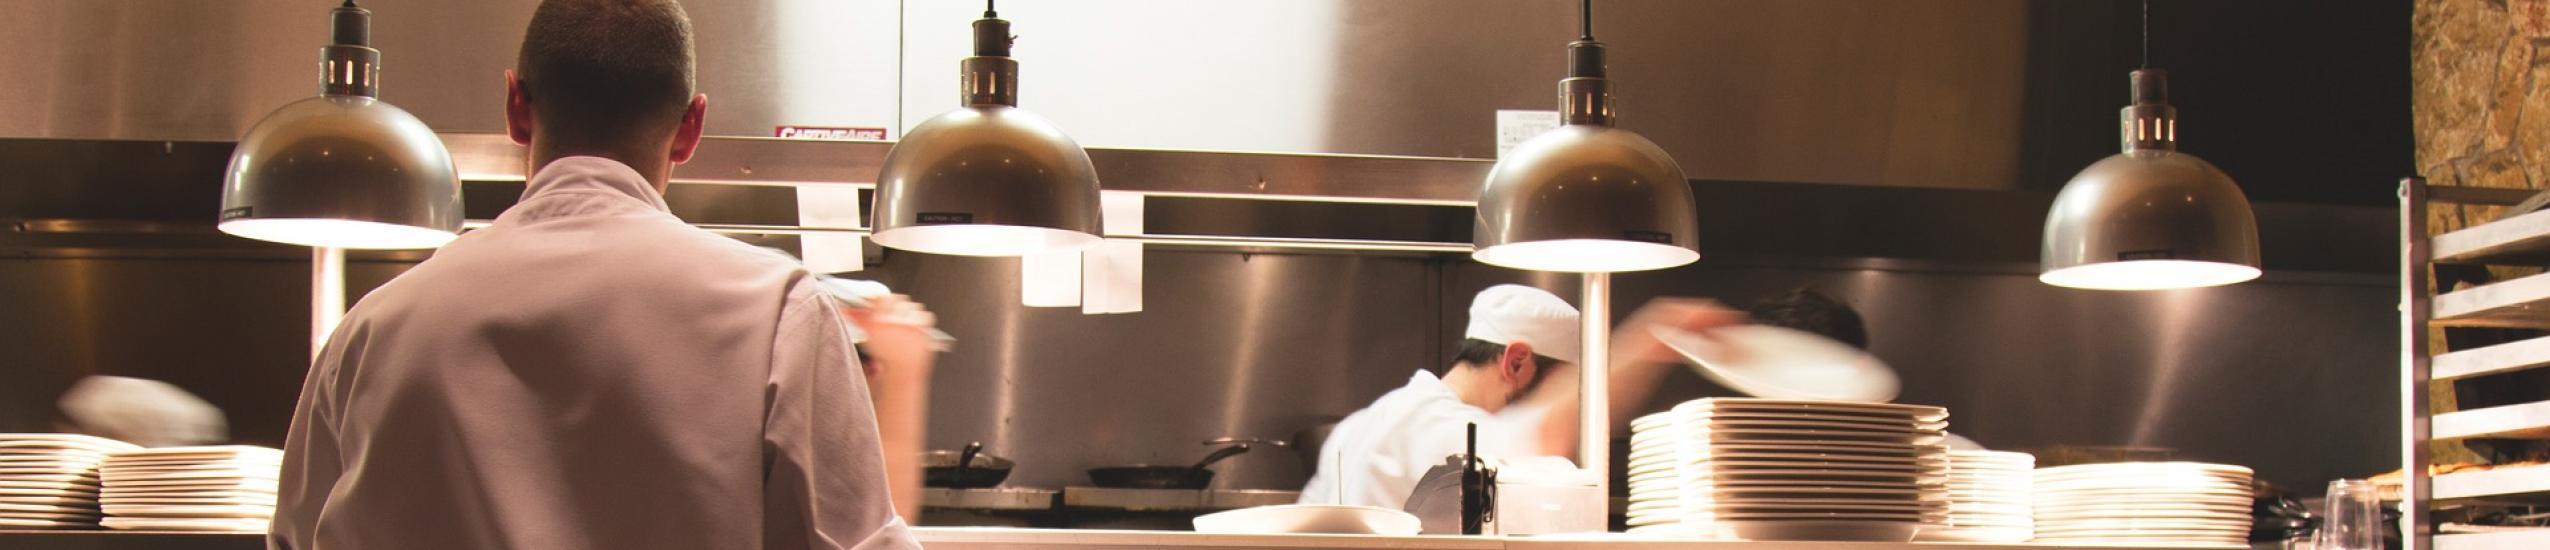 Foto della cucina di un ristorante col personale al lavoro